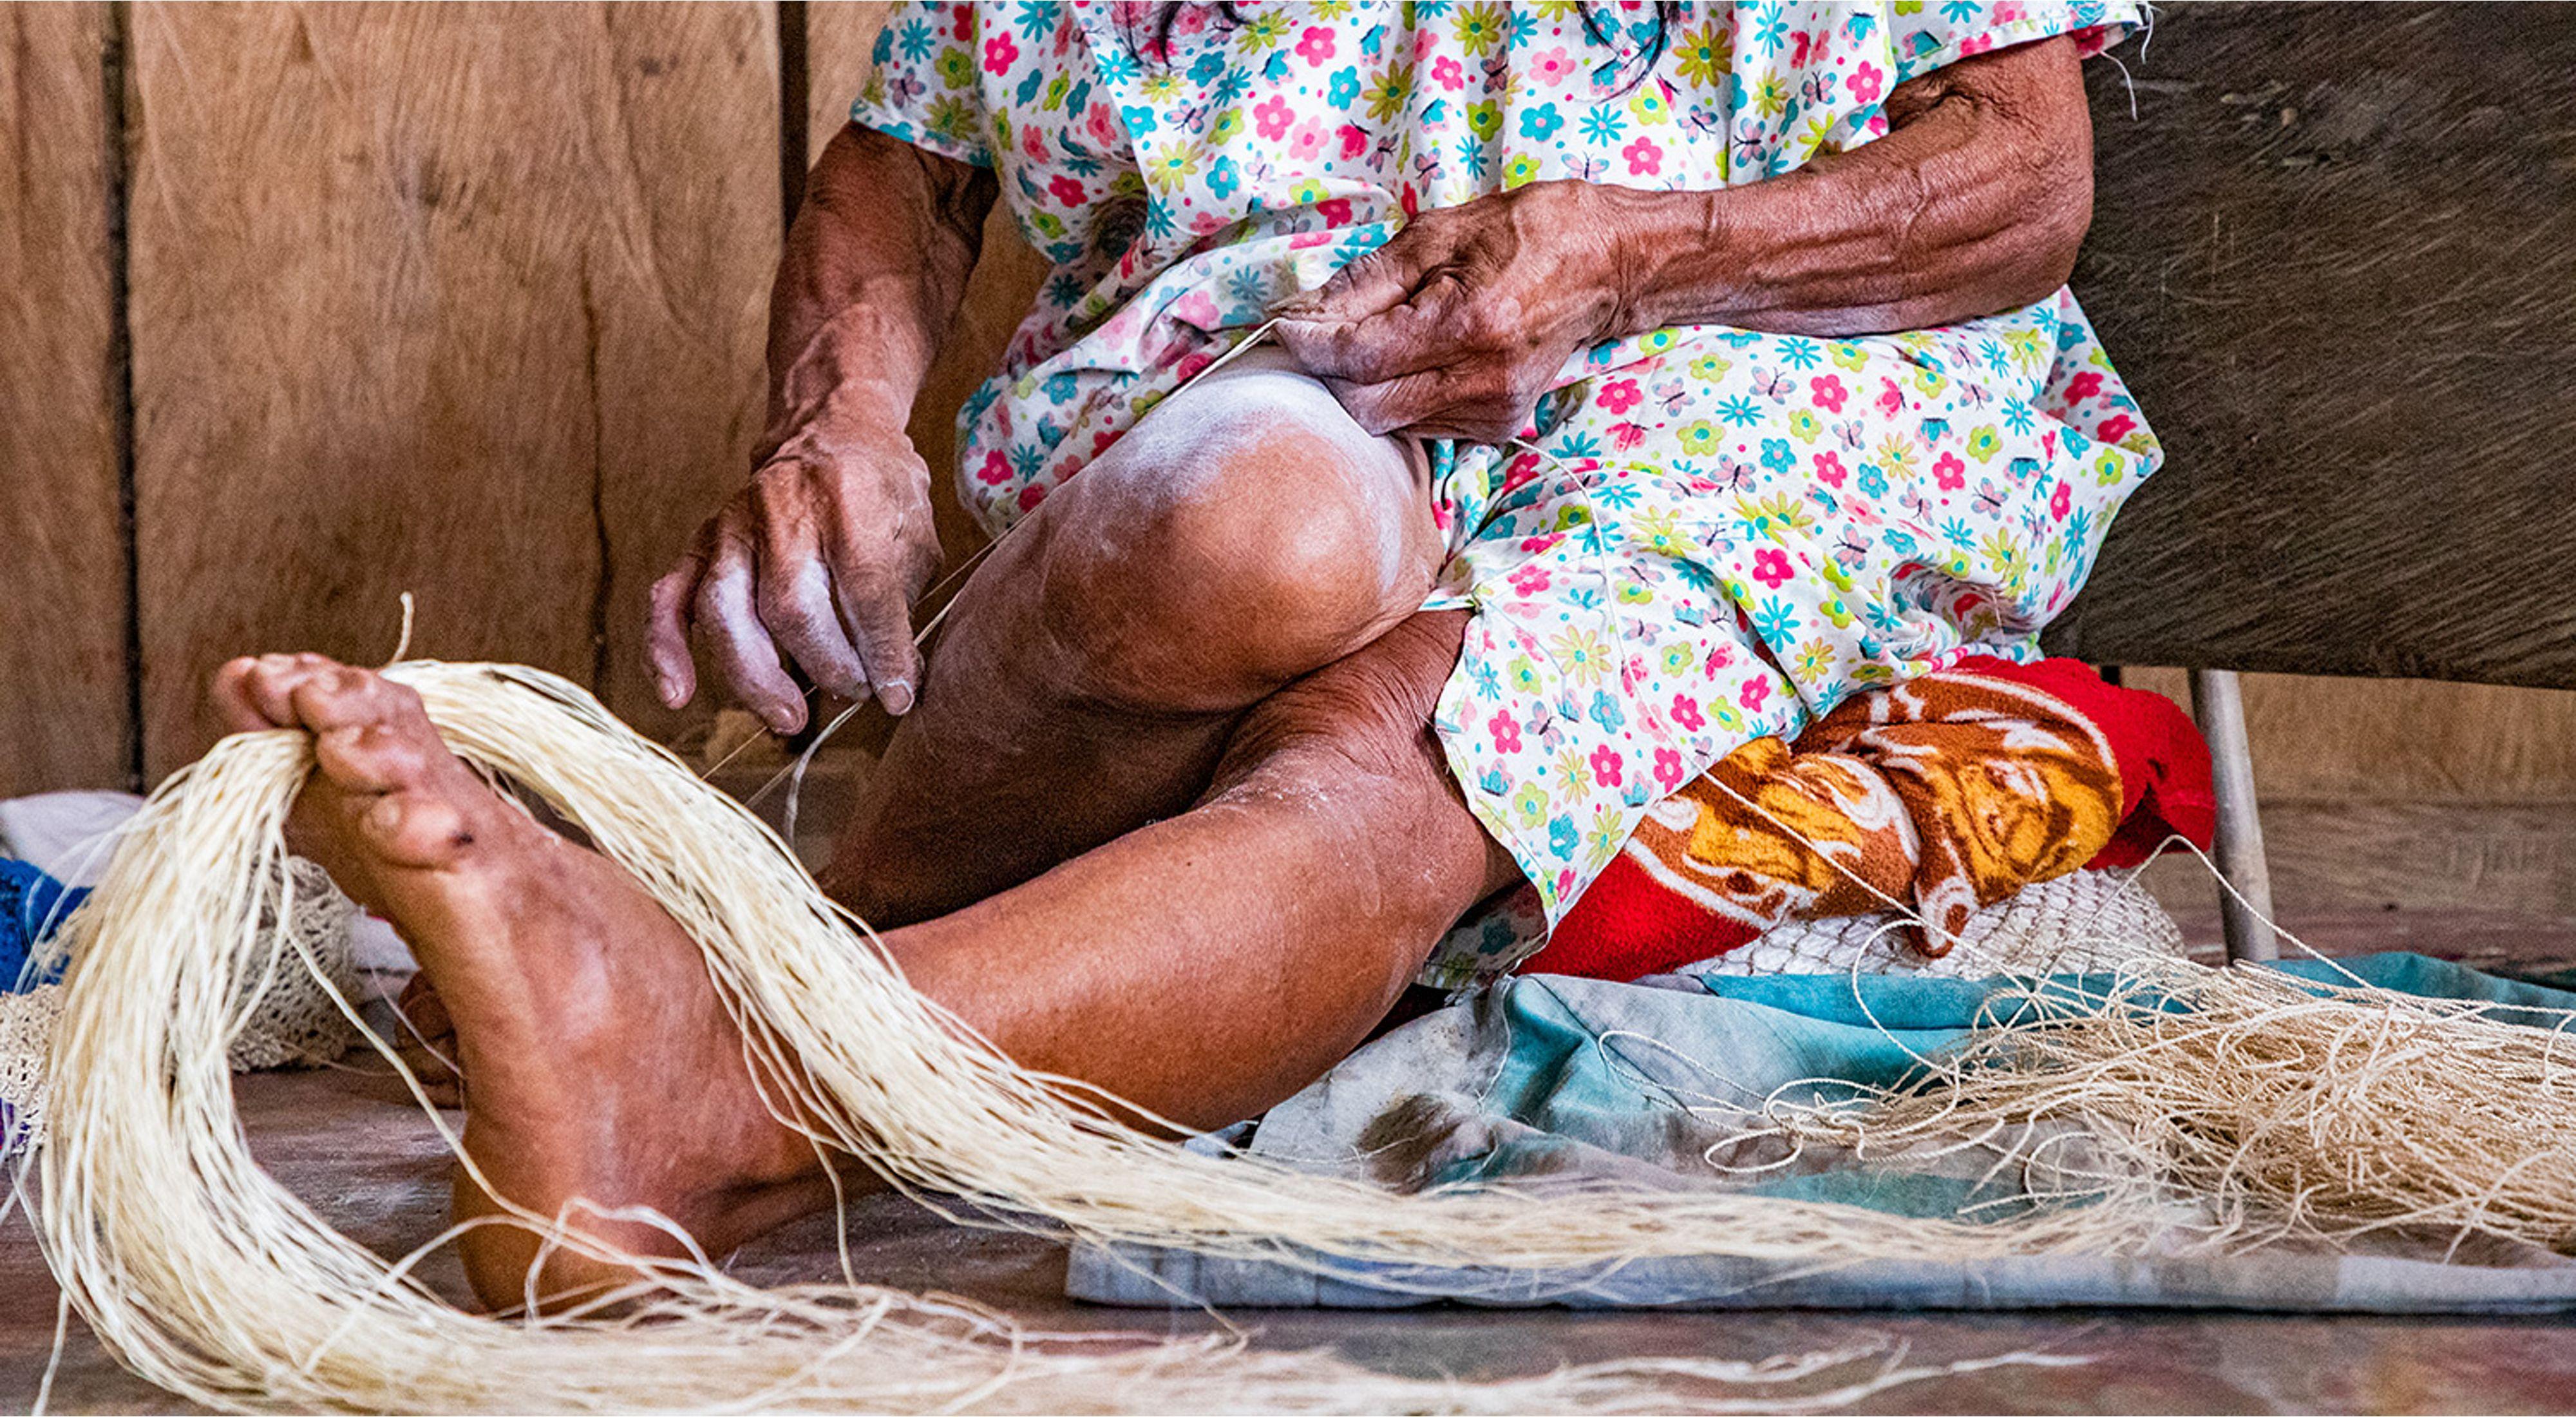 Mujer indígena en el Amazonas. Colombia